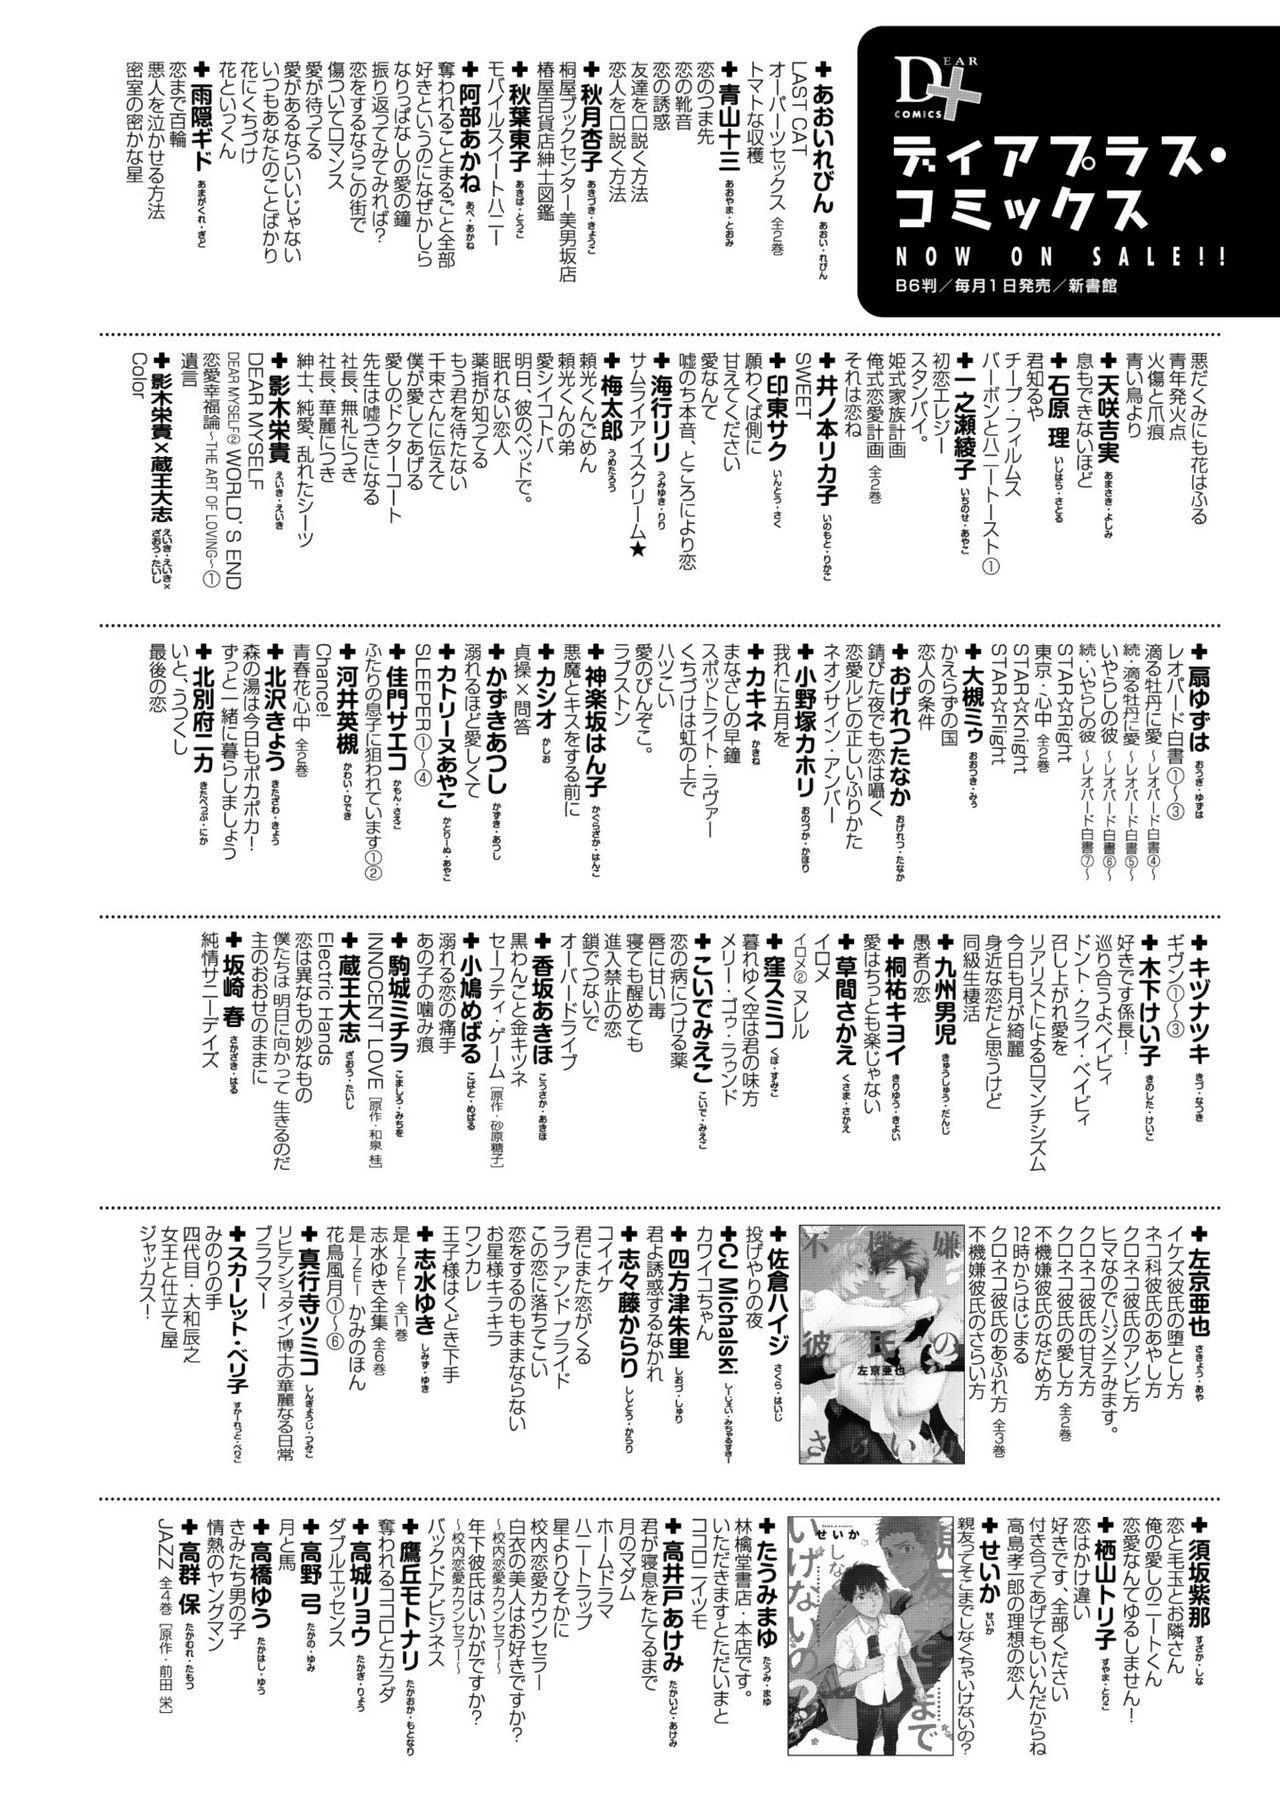 Dear+ 2017-07 119